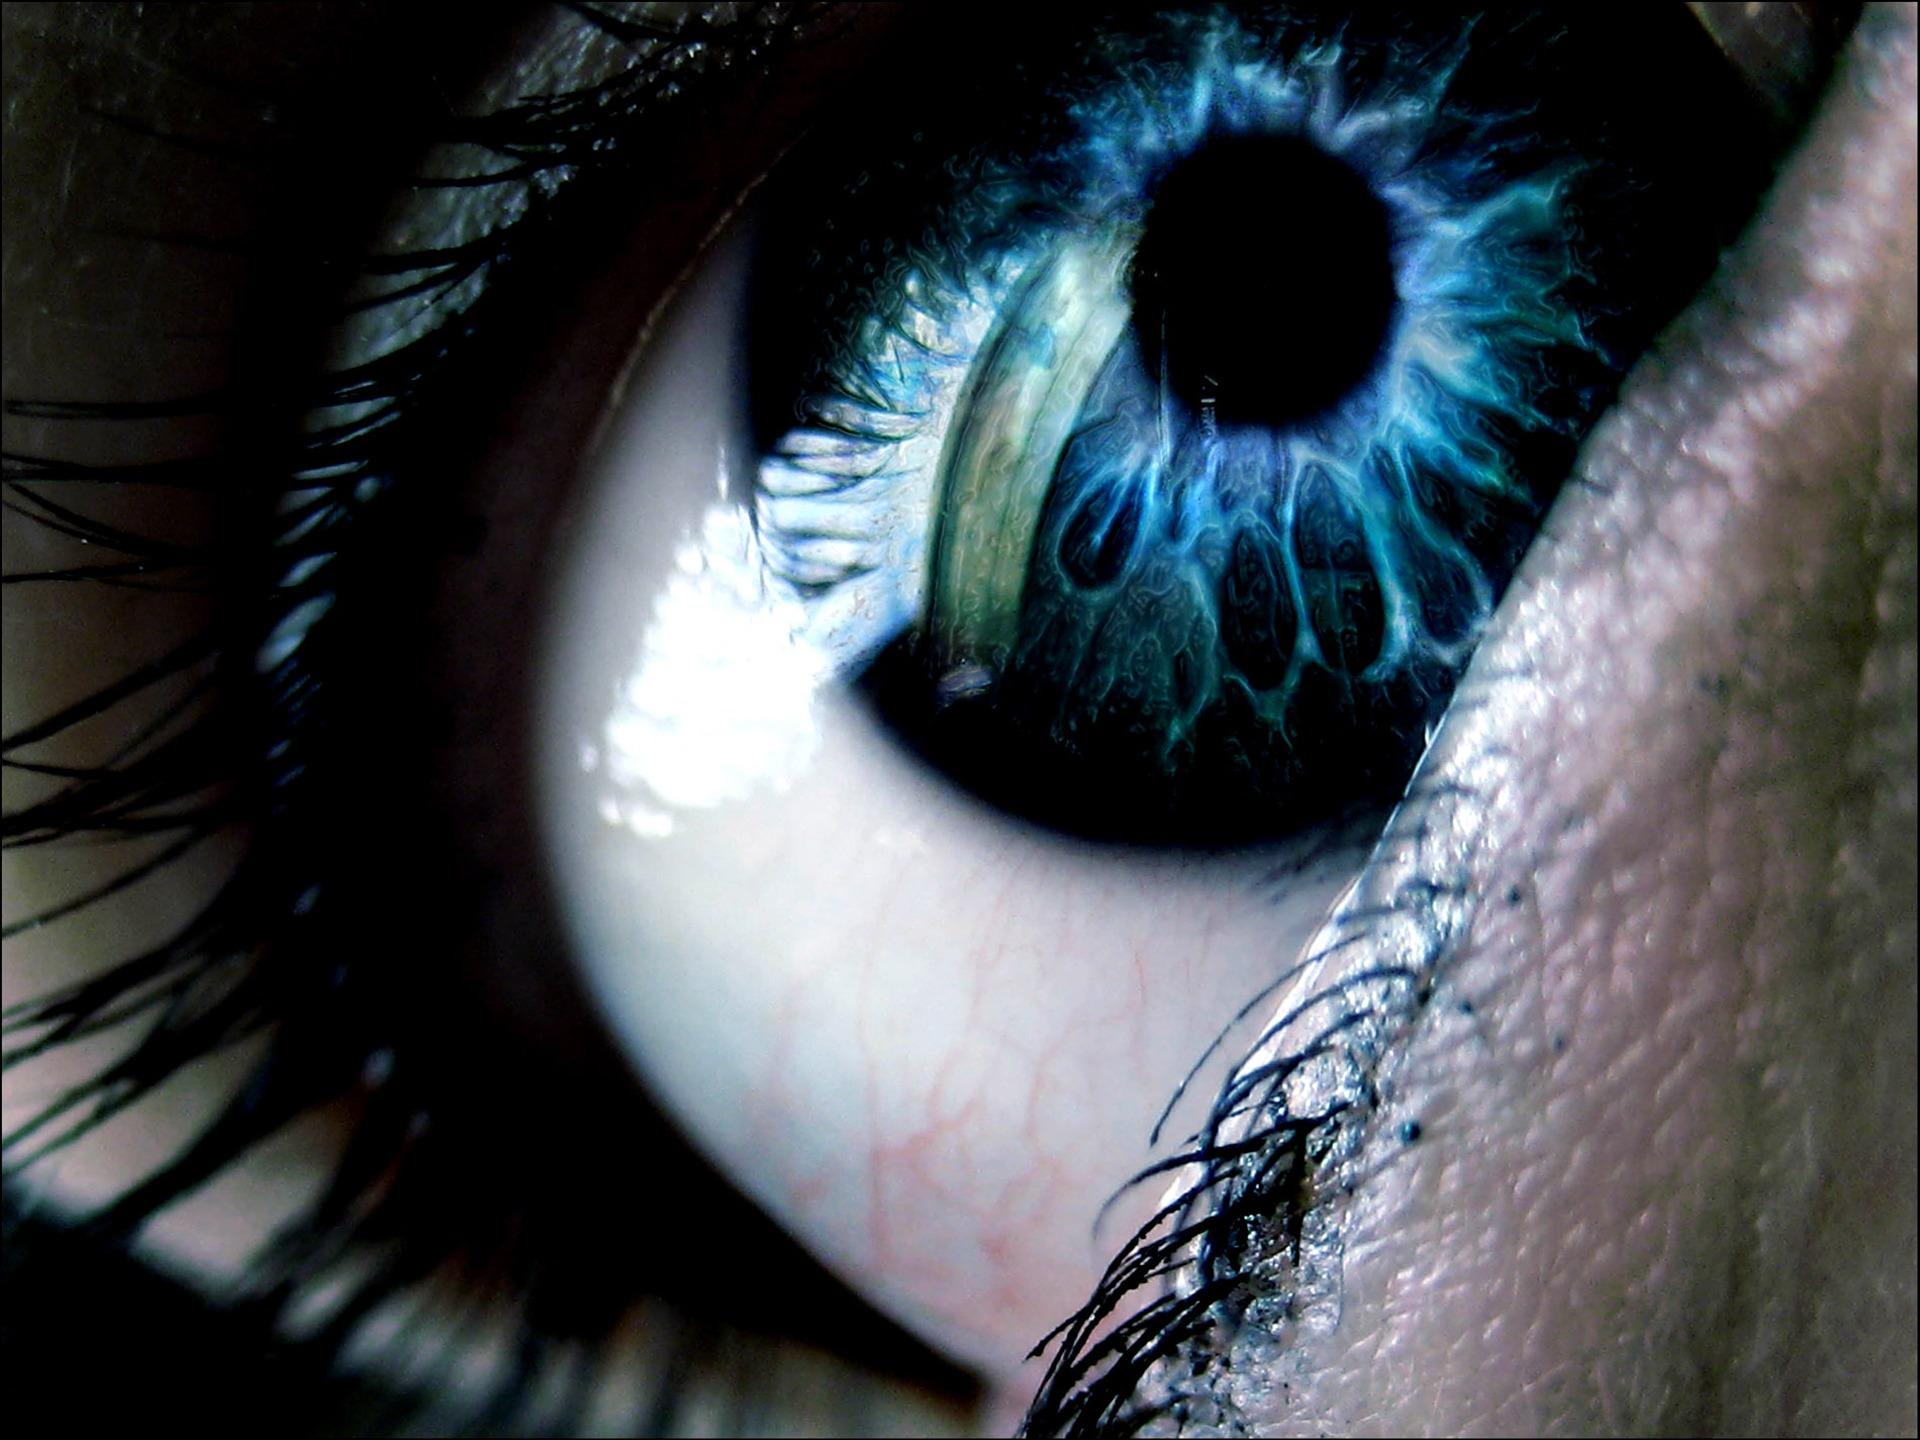 картинка живого глаза